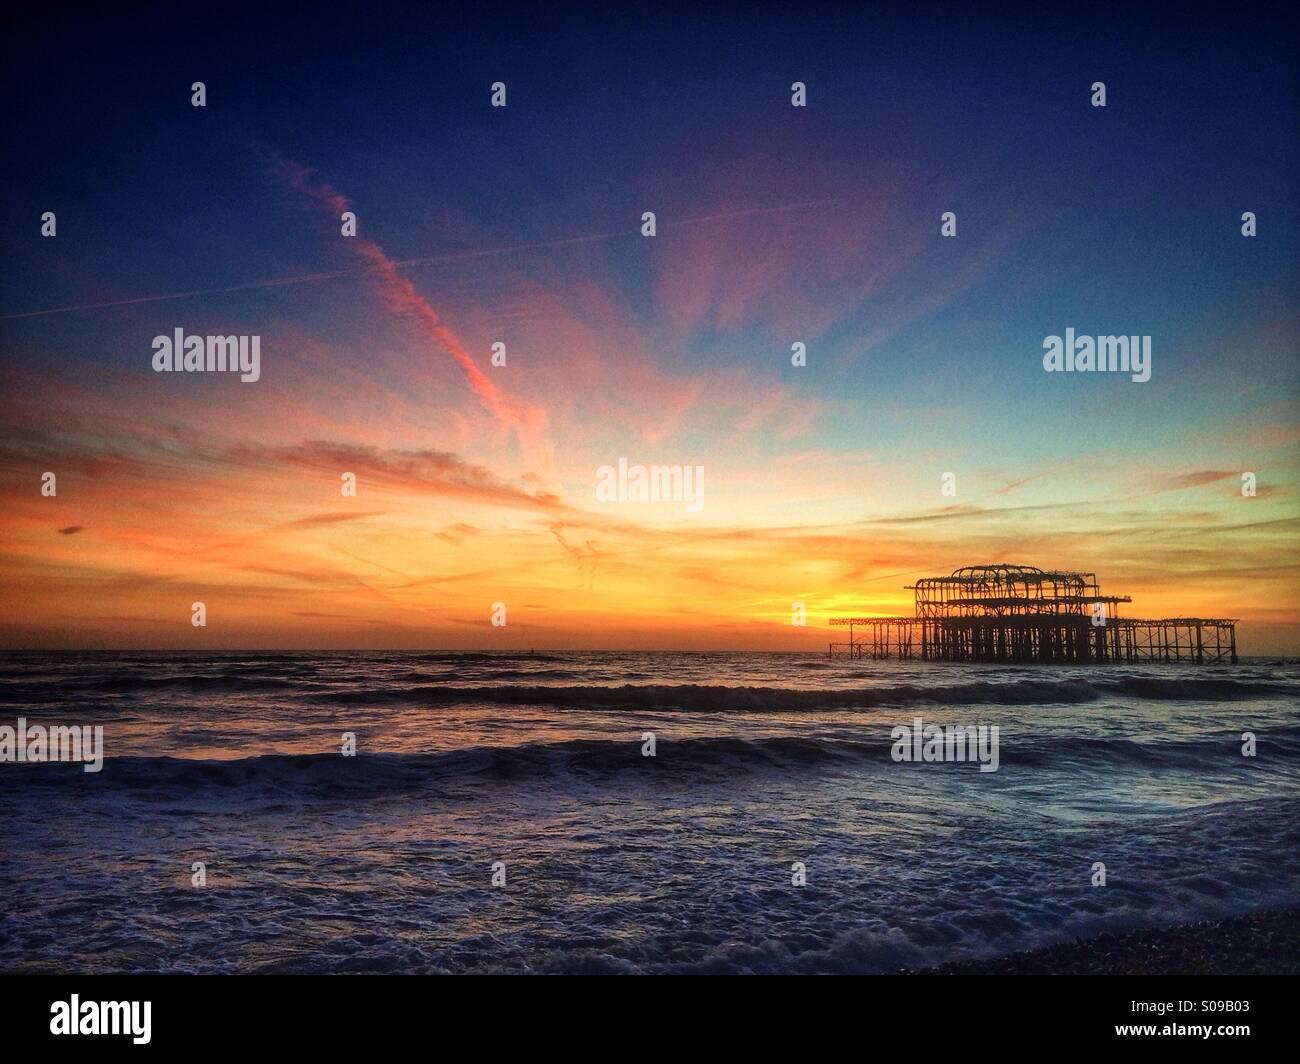 Los restos quemados de Brighton West Pier al atardecer, en Brighton, Inglaterra, Reino Unido. Imagen De Stock